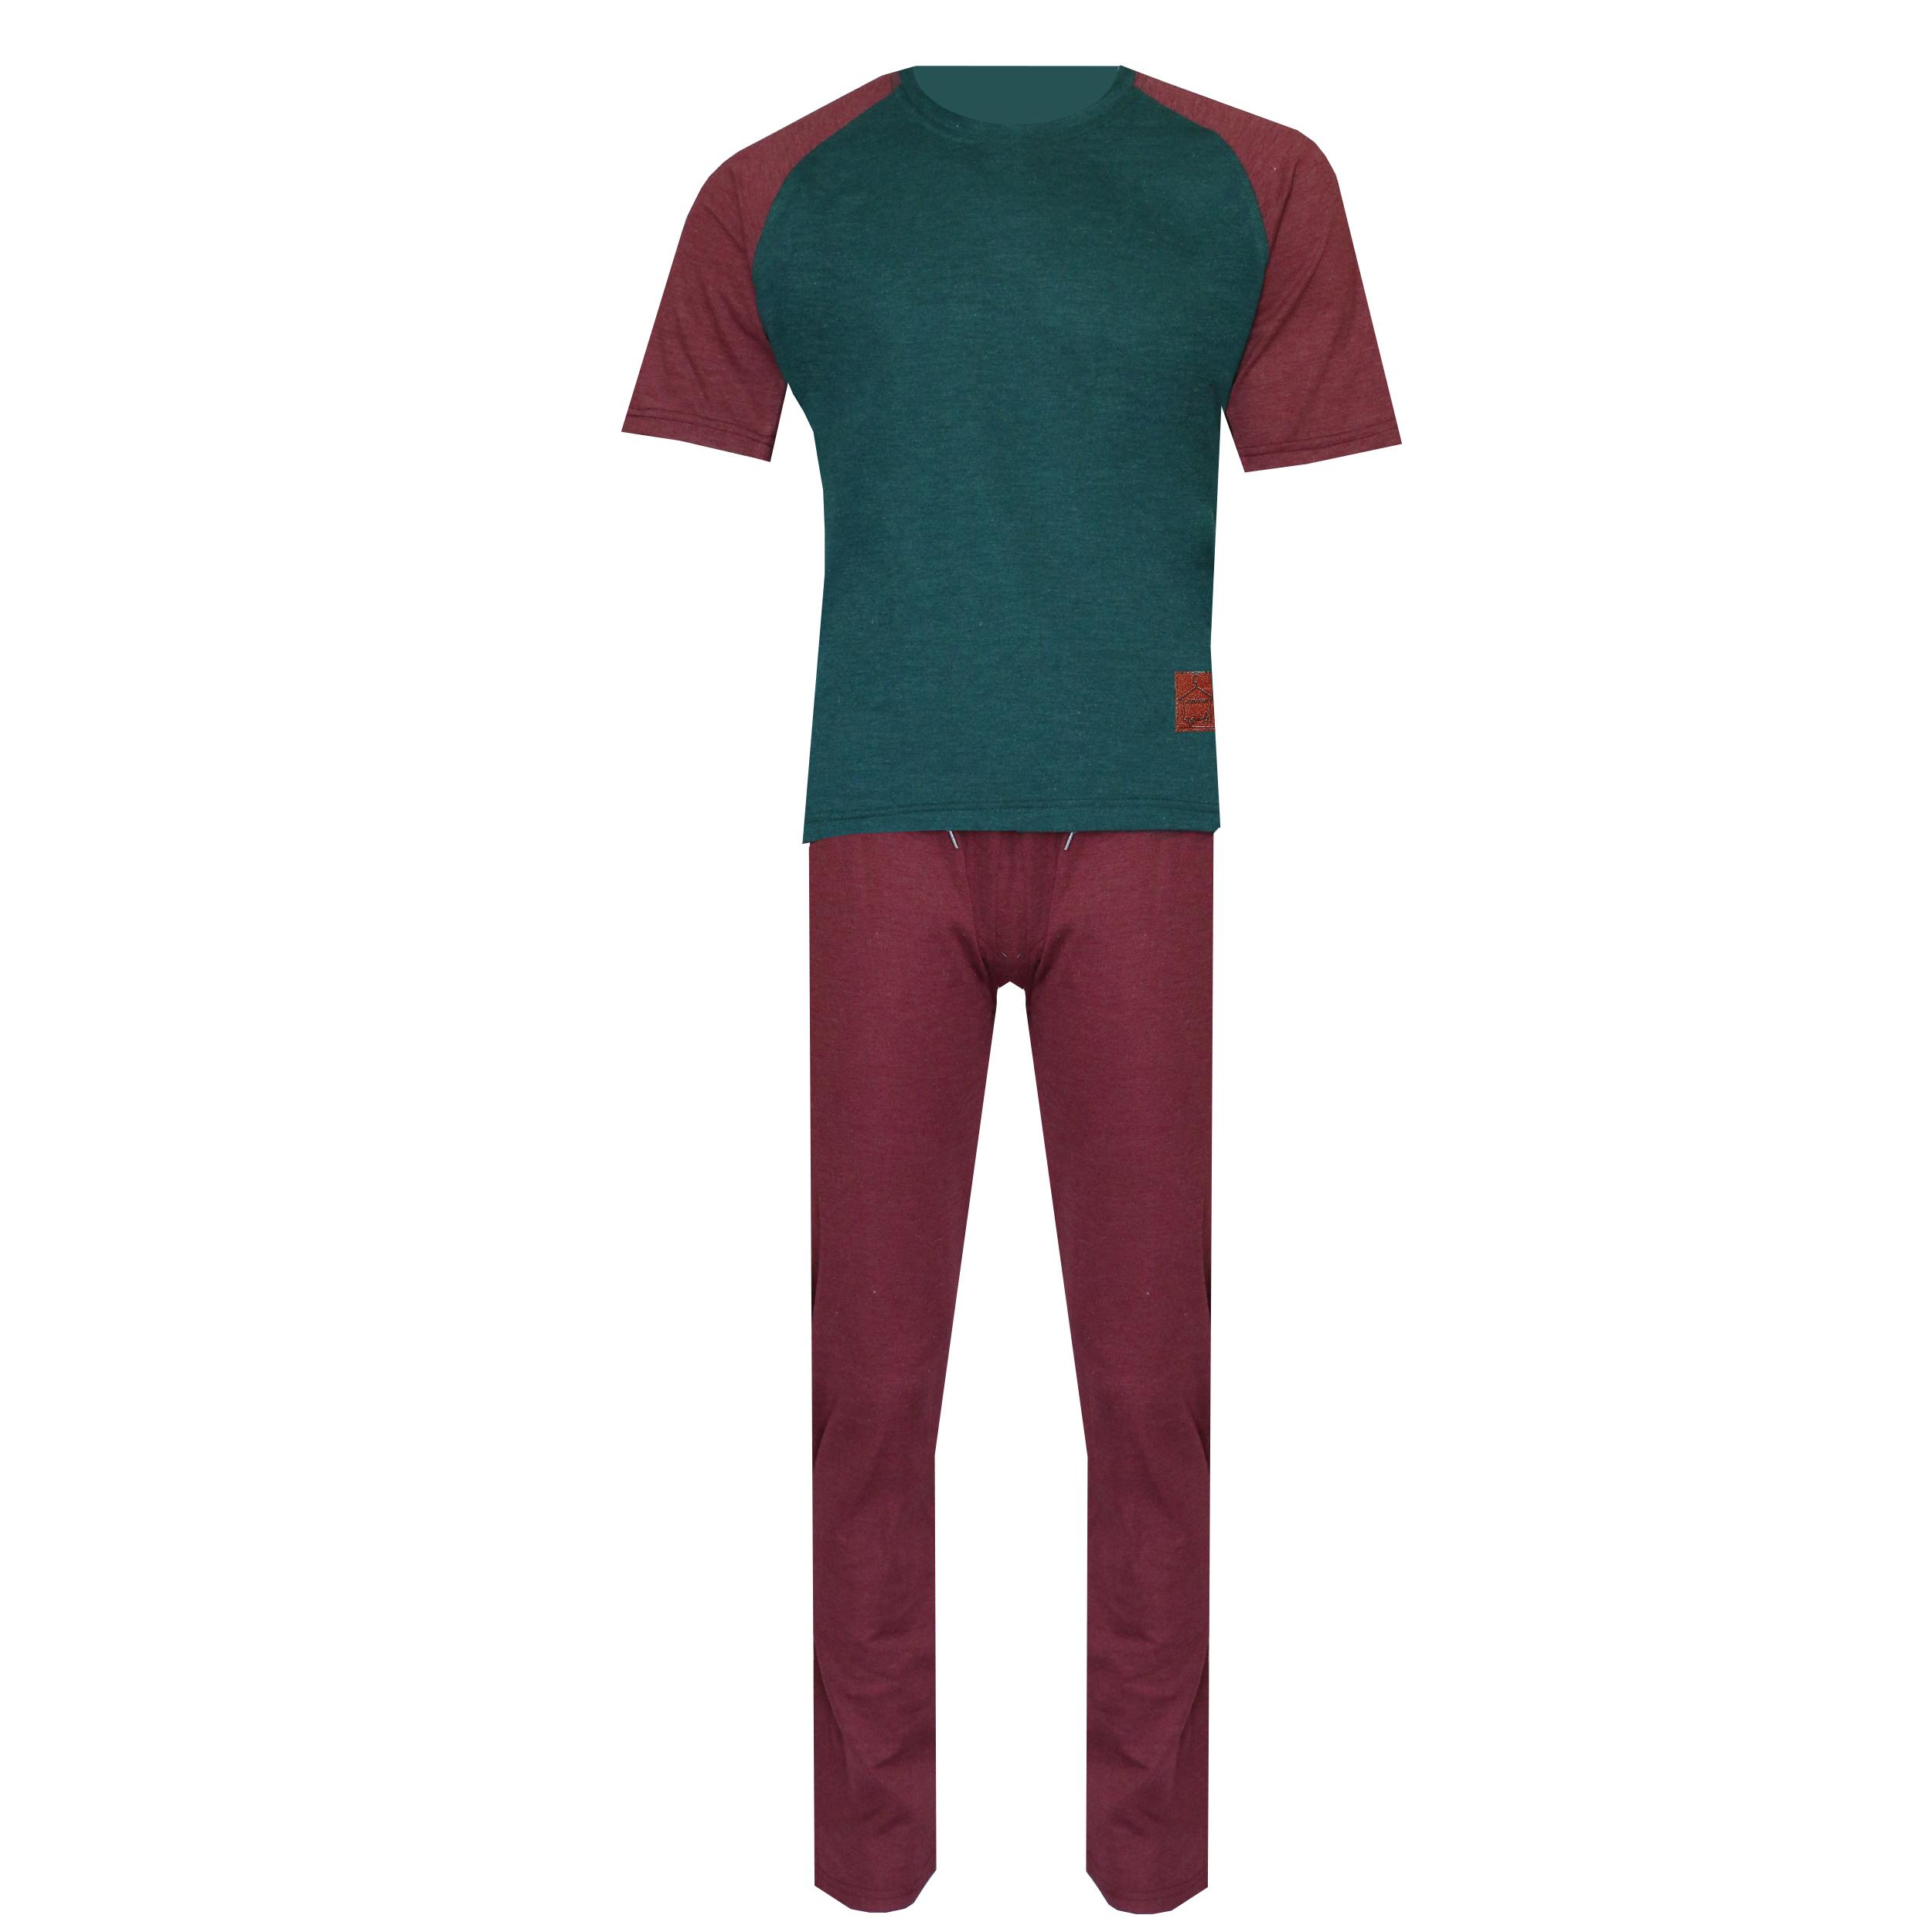 ست تی شرت و شلوار مردانه لباس خونه کد 990803 رنگ زرشکی